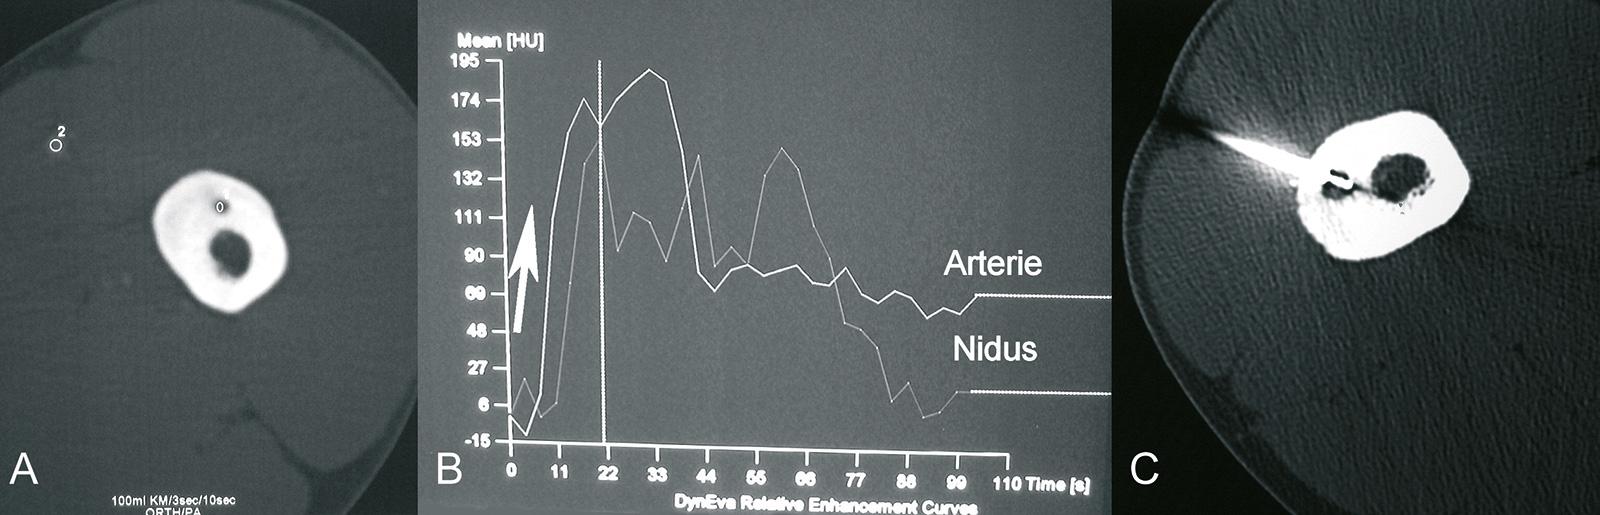 Abb. 8-55: Dynamisches CT: nach Kontrastmittelgabe wird im CT der zeitliche Verlauf der Mehranreicherung in einer nahegelegenen Arterie mit der des Nidus verglichen (A). Zeigen beide initial einen steilen Anstieg (B) spricht dies für ein Osteoidosteom und